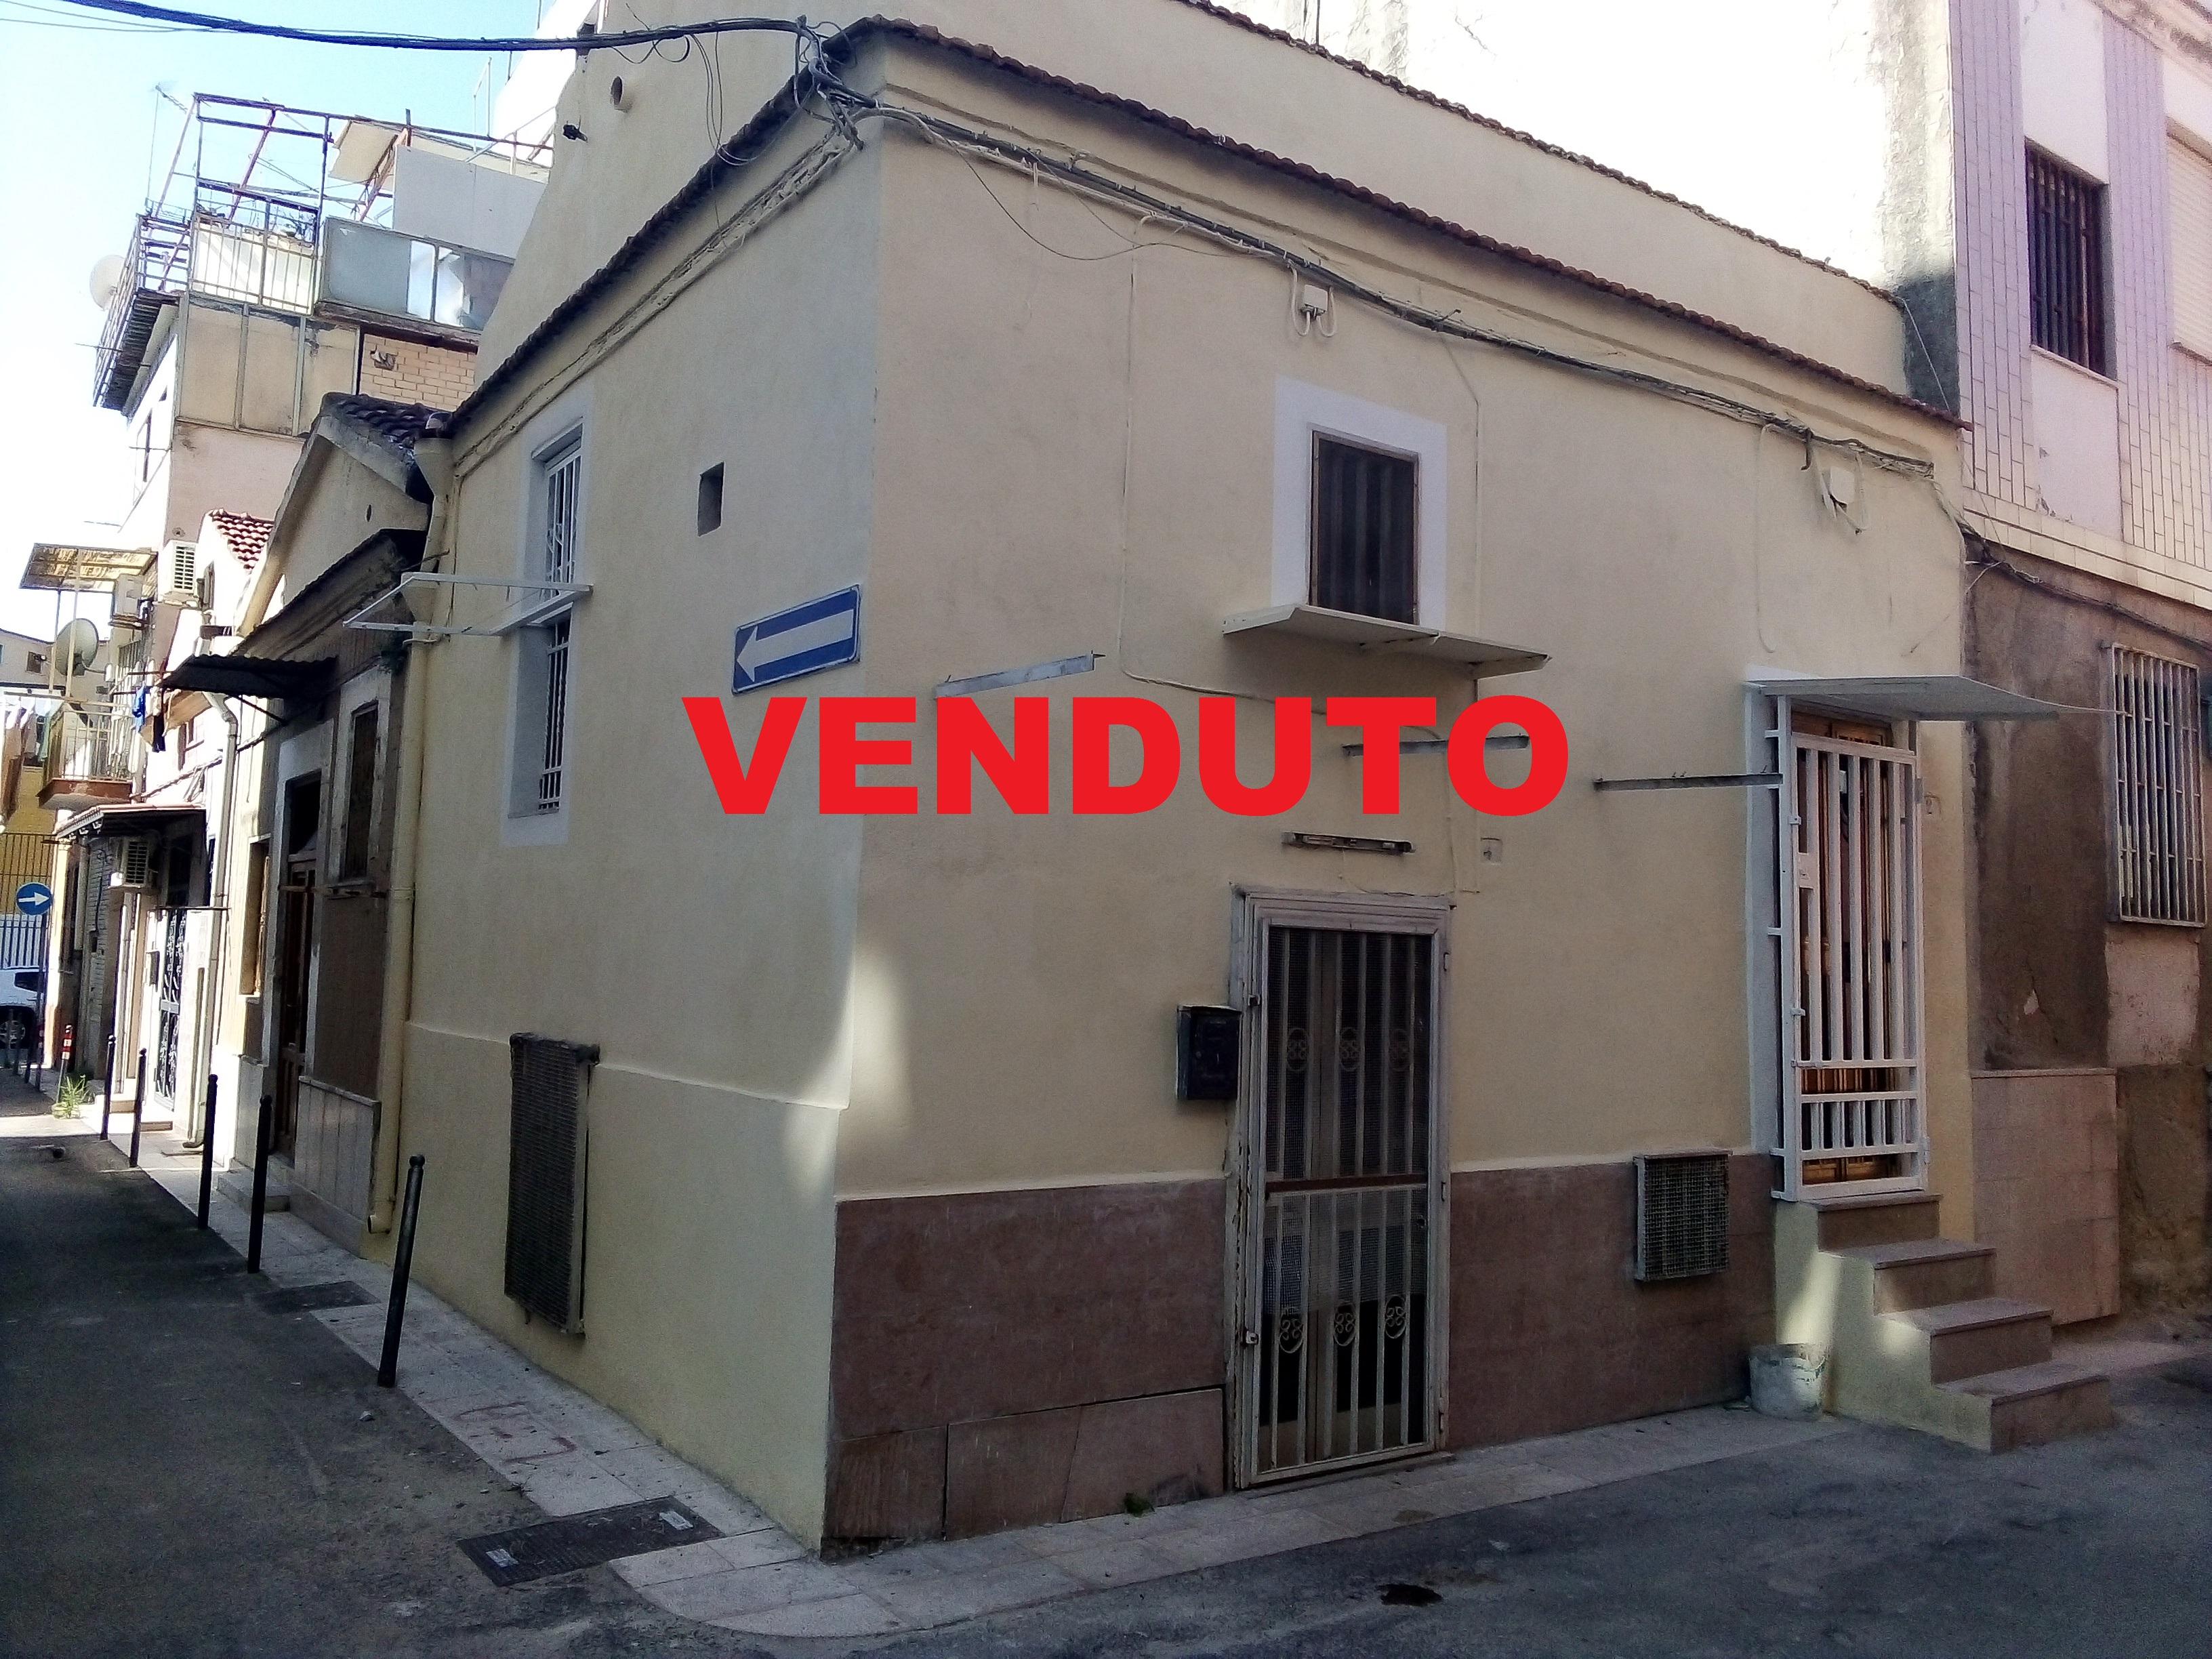 Vendita appartamenti foggia-Vico Viola (Zona centrale tra Via G. Matteotti e Corso Cairoli) bilocale indipendente